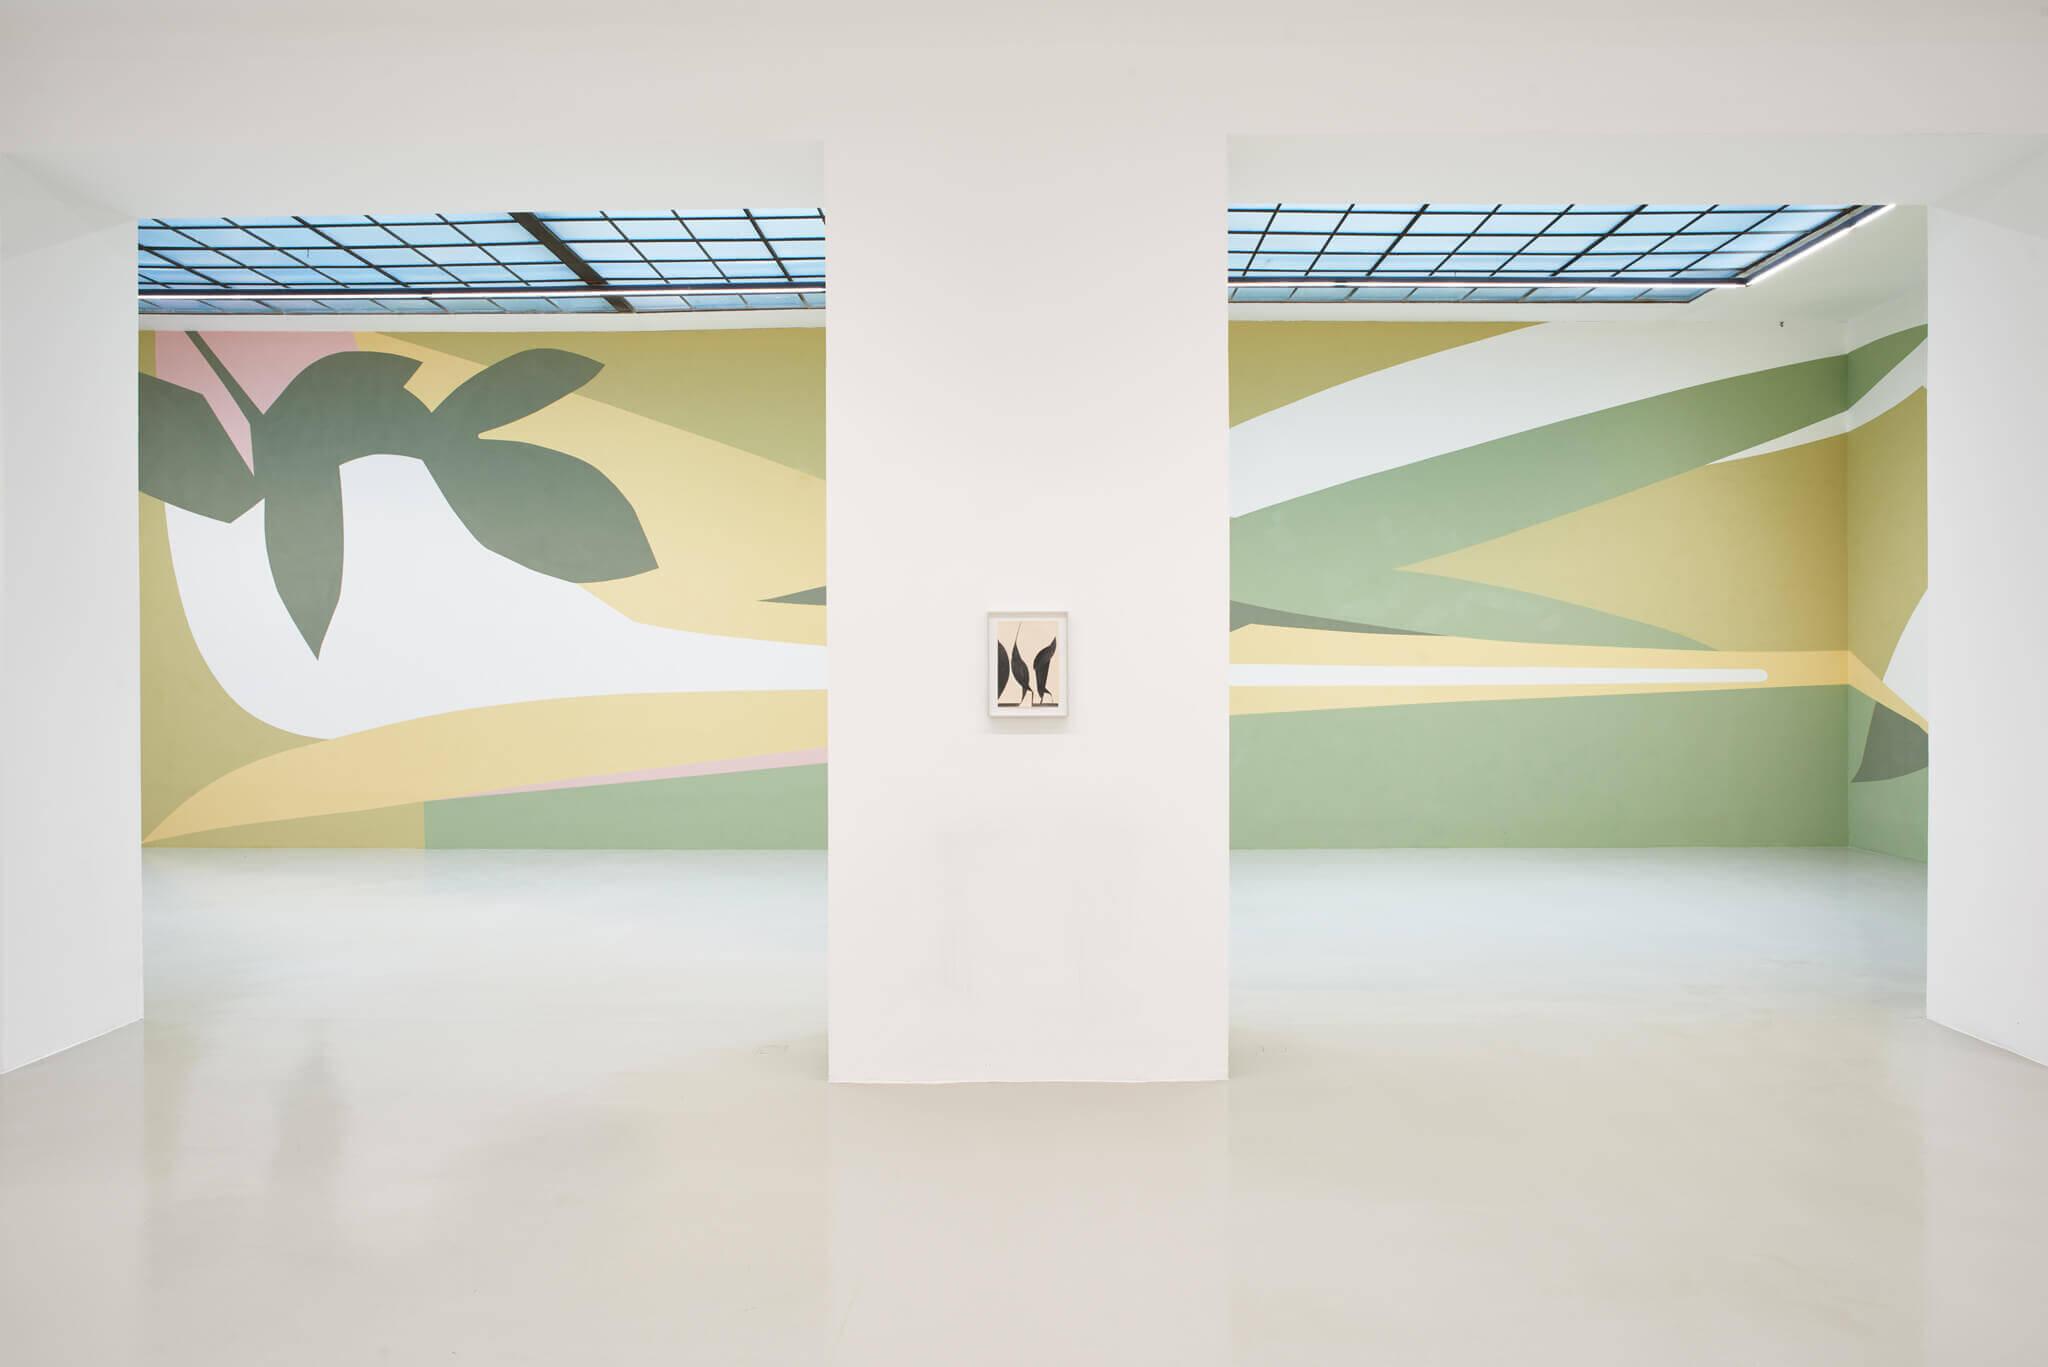 06_Frauke Dannert_Collage_Ausstellung_Folie_Galerie Lisa Kandlhofer_Wien_2018